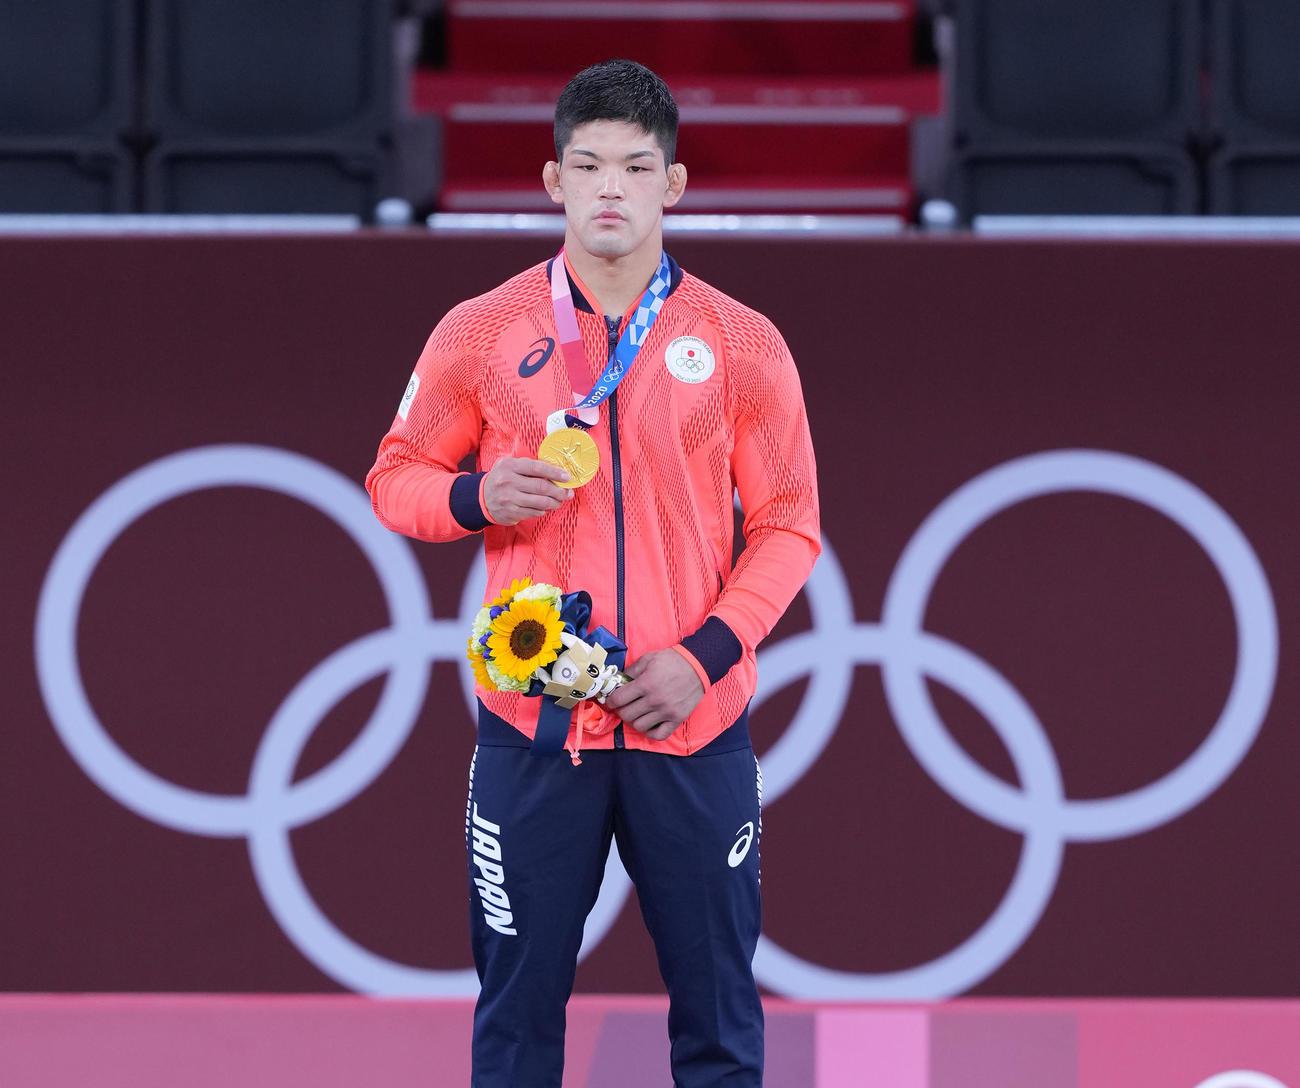 東京五輪 柔道男子73キロ級で優勝し、金メダルを手にする大野(2021年7月26日撮影)